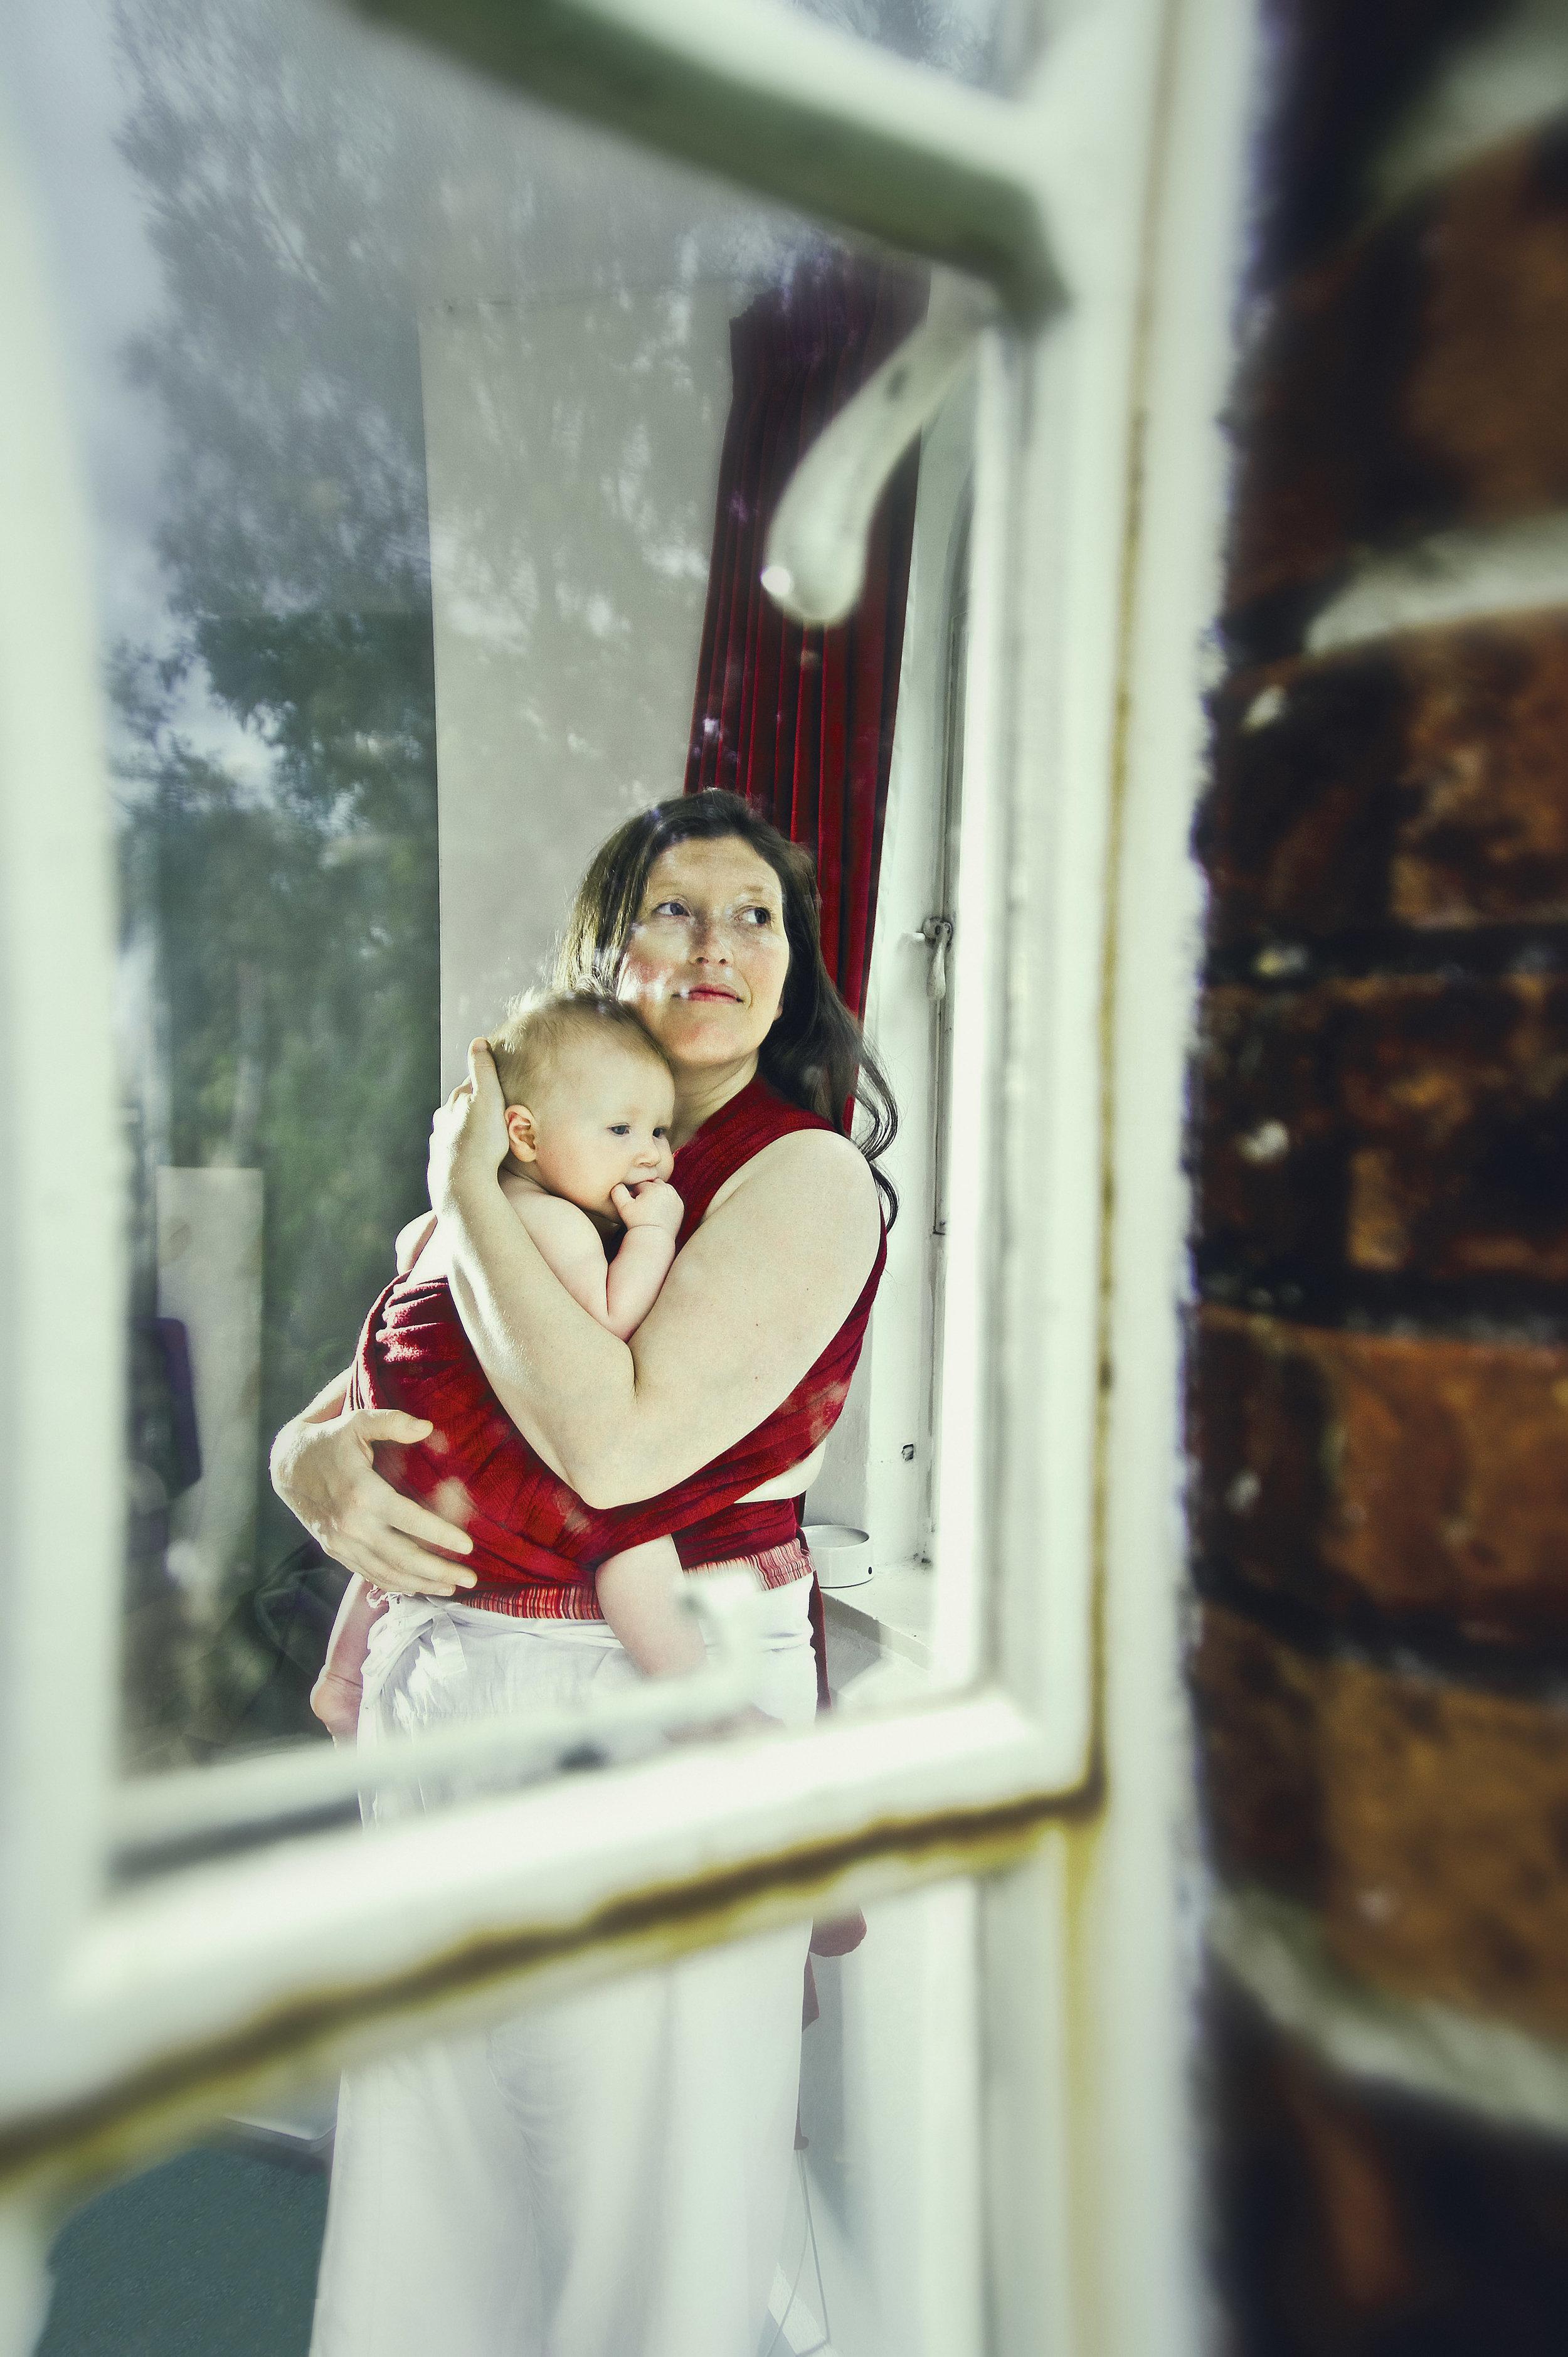 My Safe Place - Tina & baby Amber